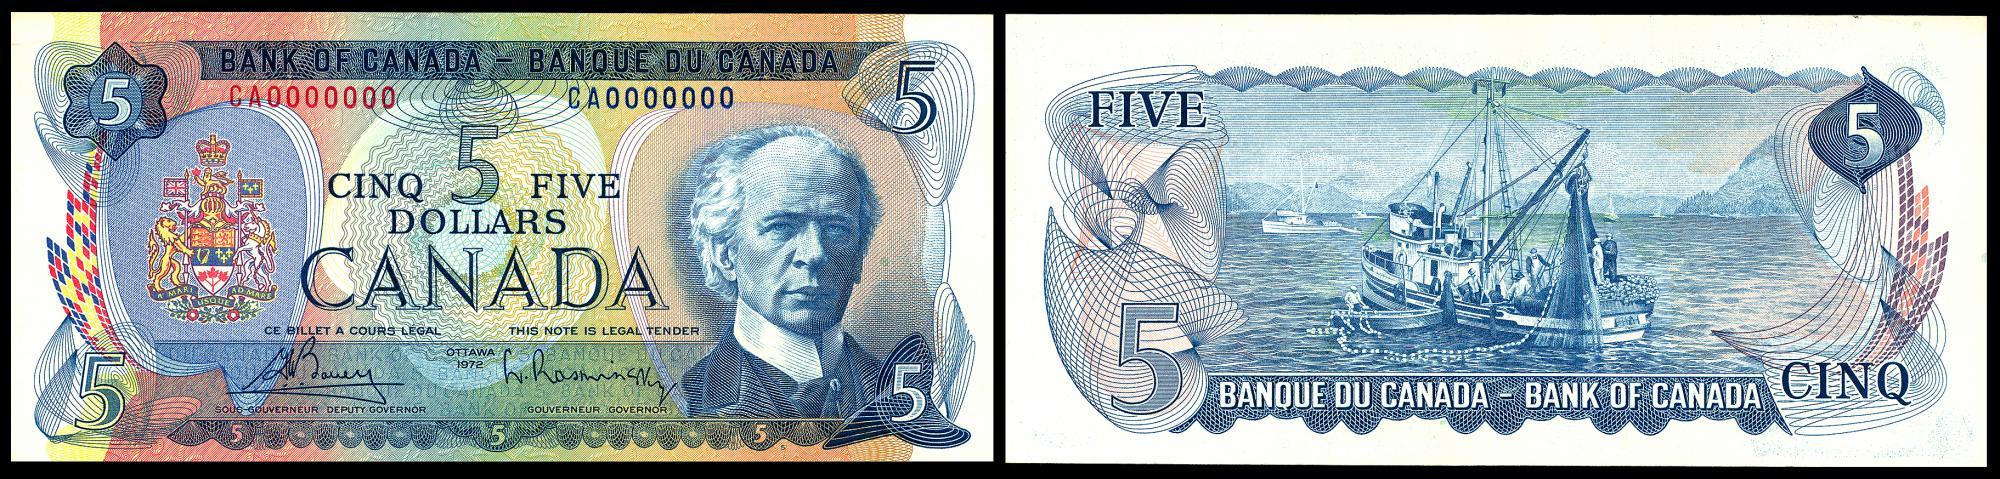 billet de cinq dollars au verso duquel figure une scène de pêche